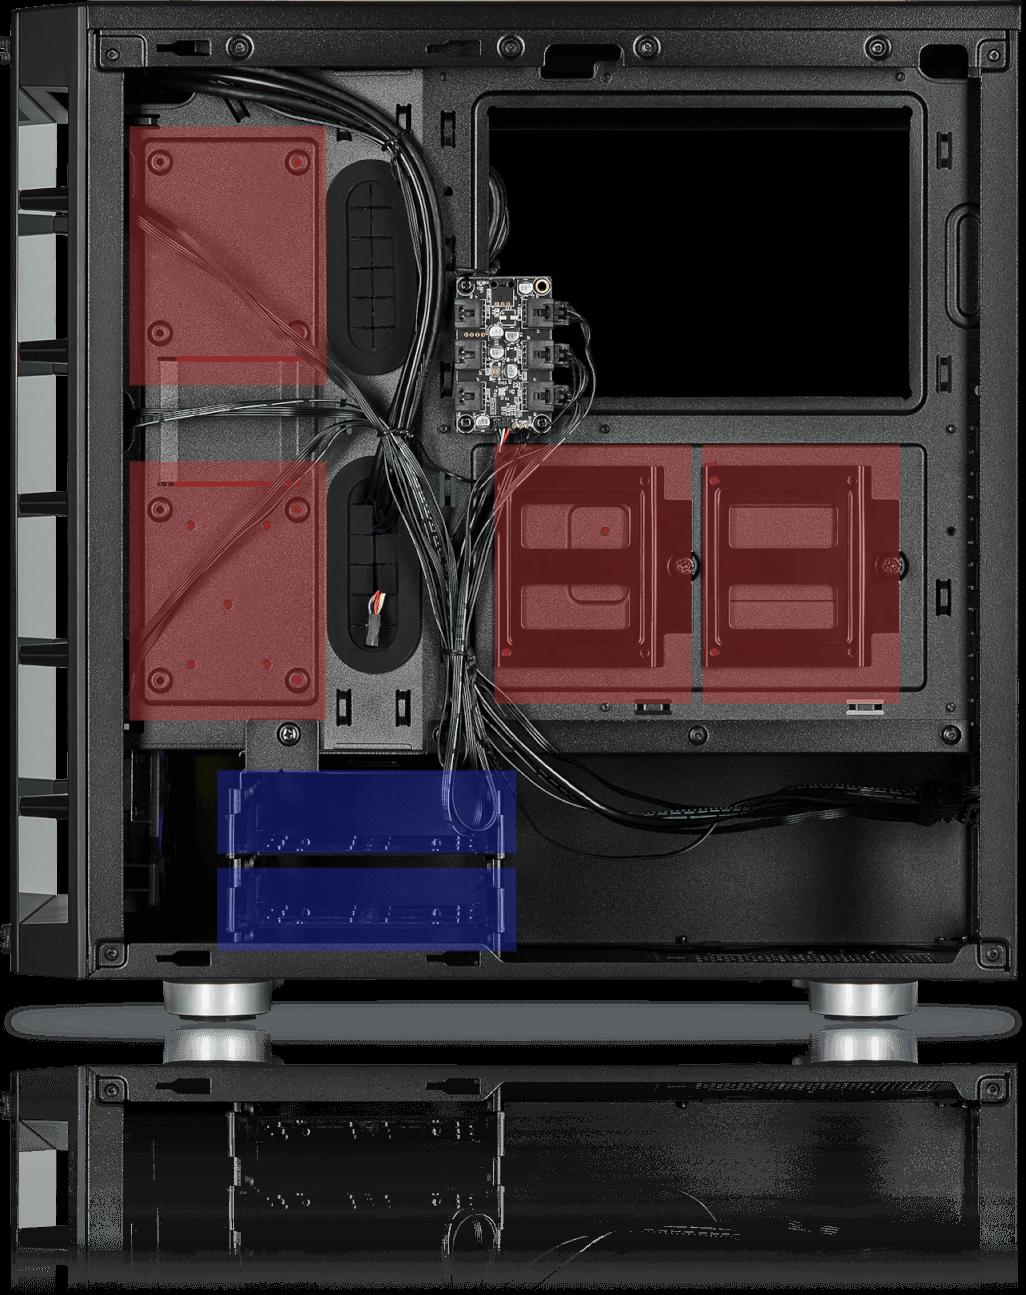 schwarz Seiten und Frontscheibe aus geh/ärtetem Glas, 3 integrierte LL120 RGB L/üfter, vielseitige K/ühloptionen Corsair iCUE 465X RGB Mid-Tower ATX Smartes Geh/äuse